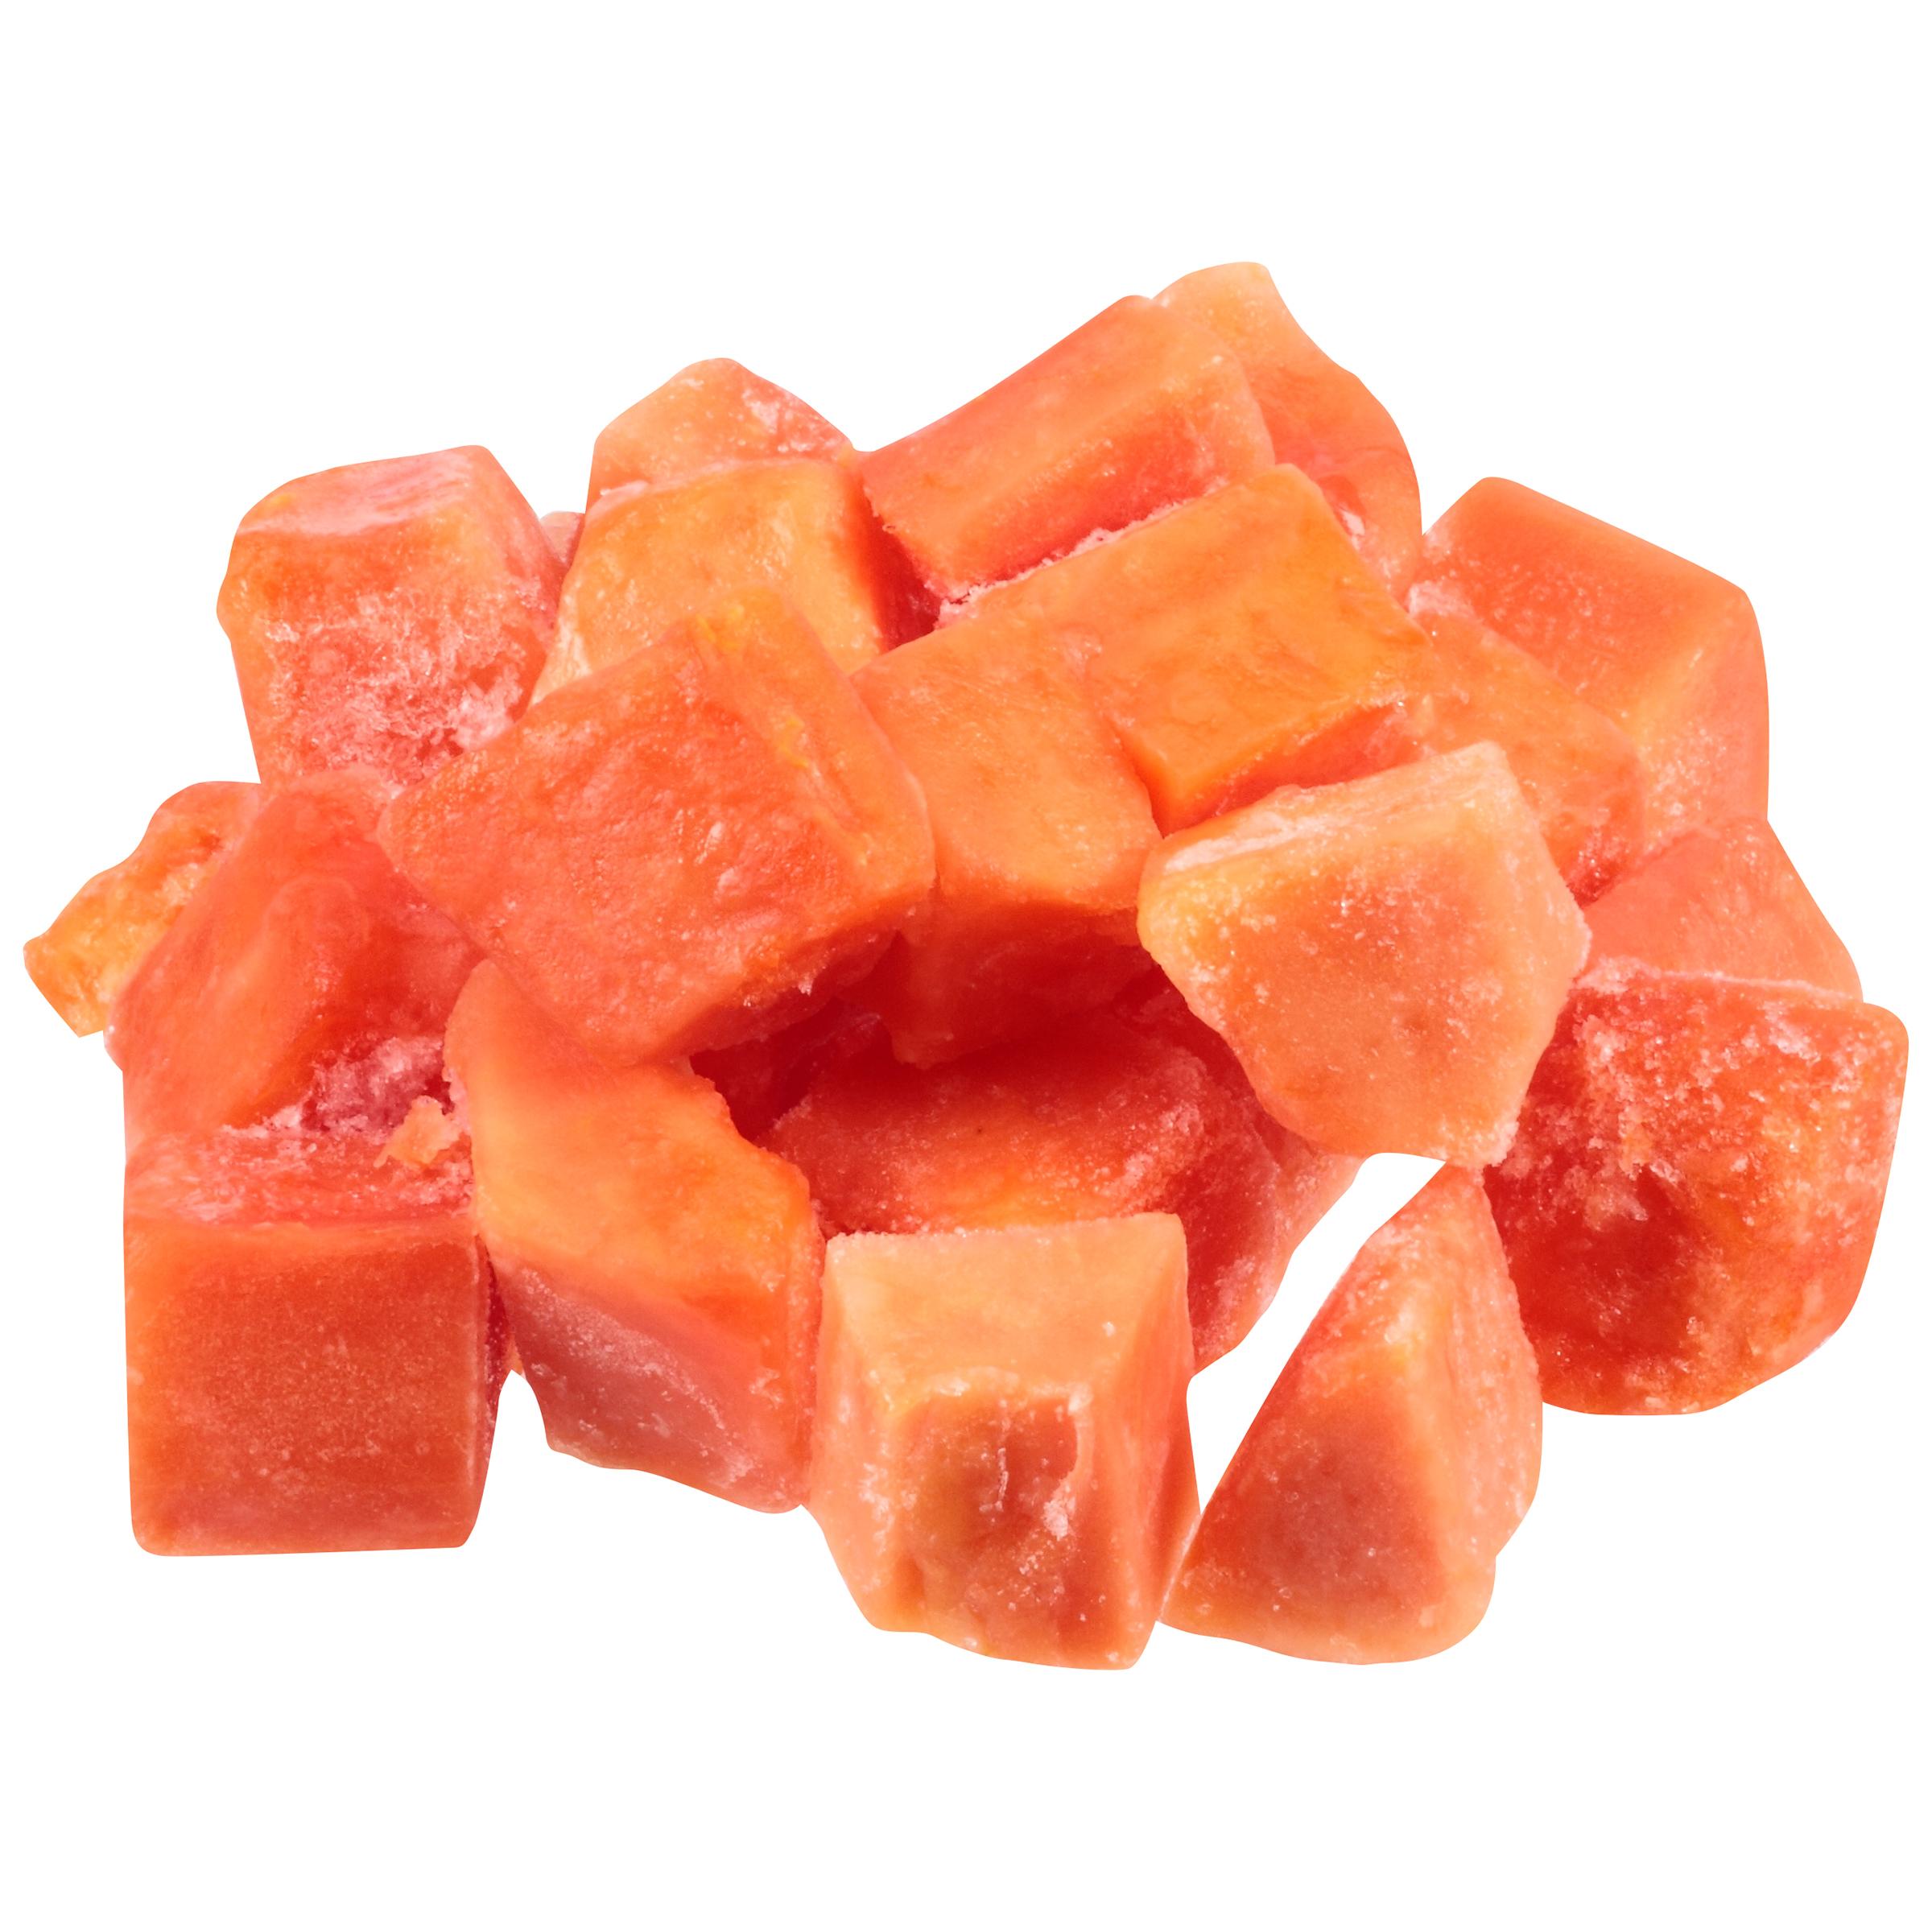 1/30# Papaya Chunks IQF